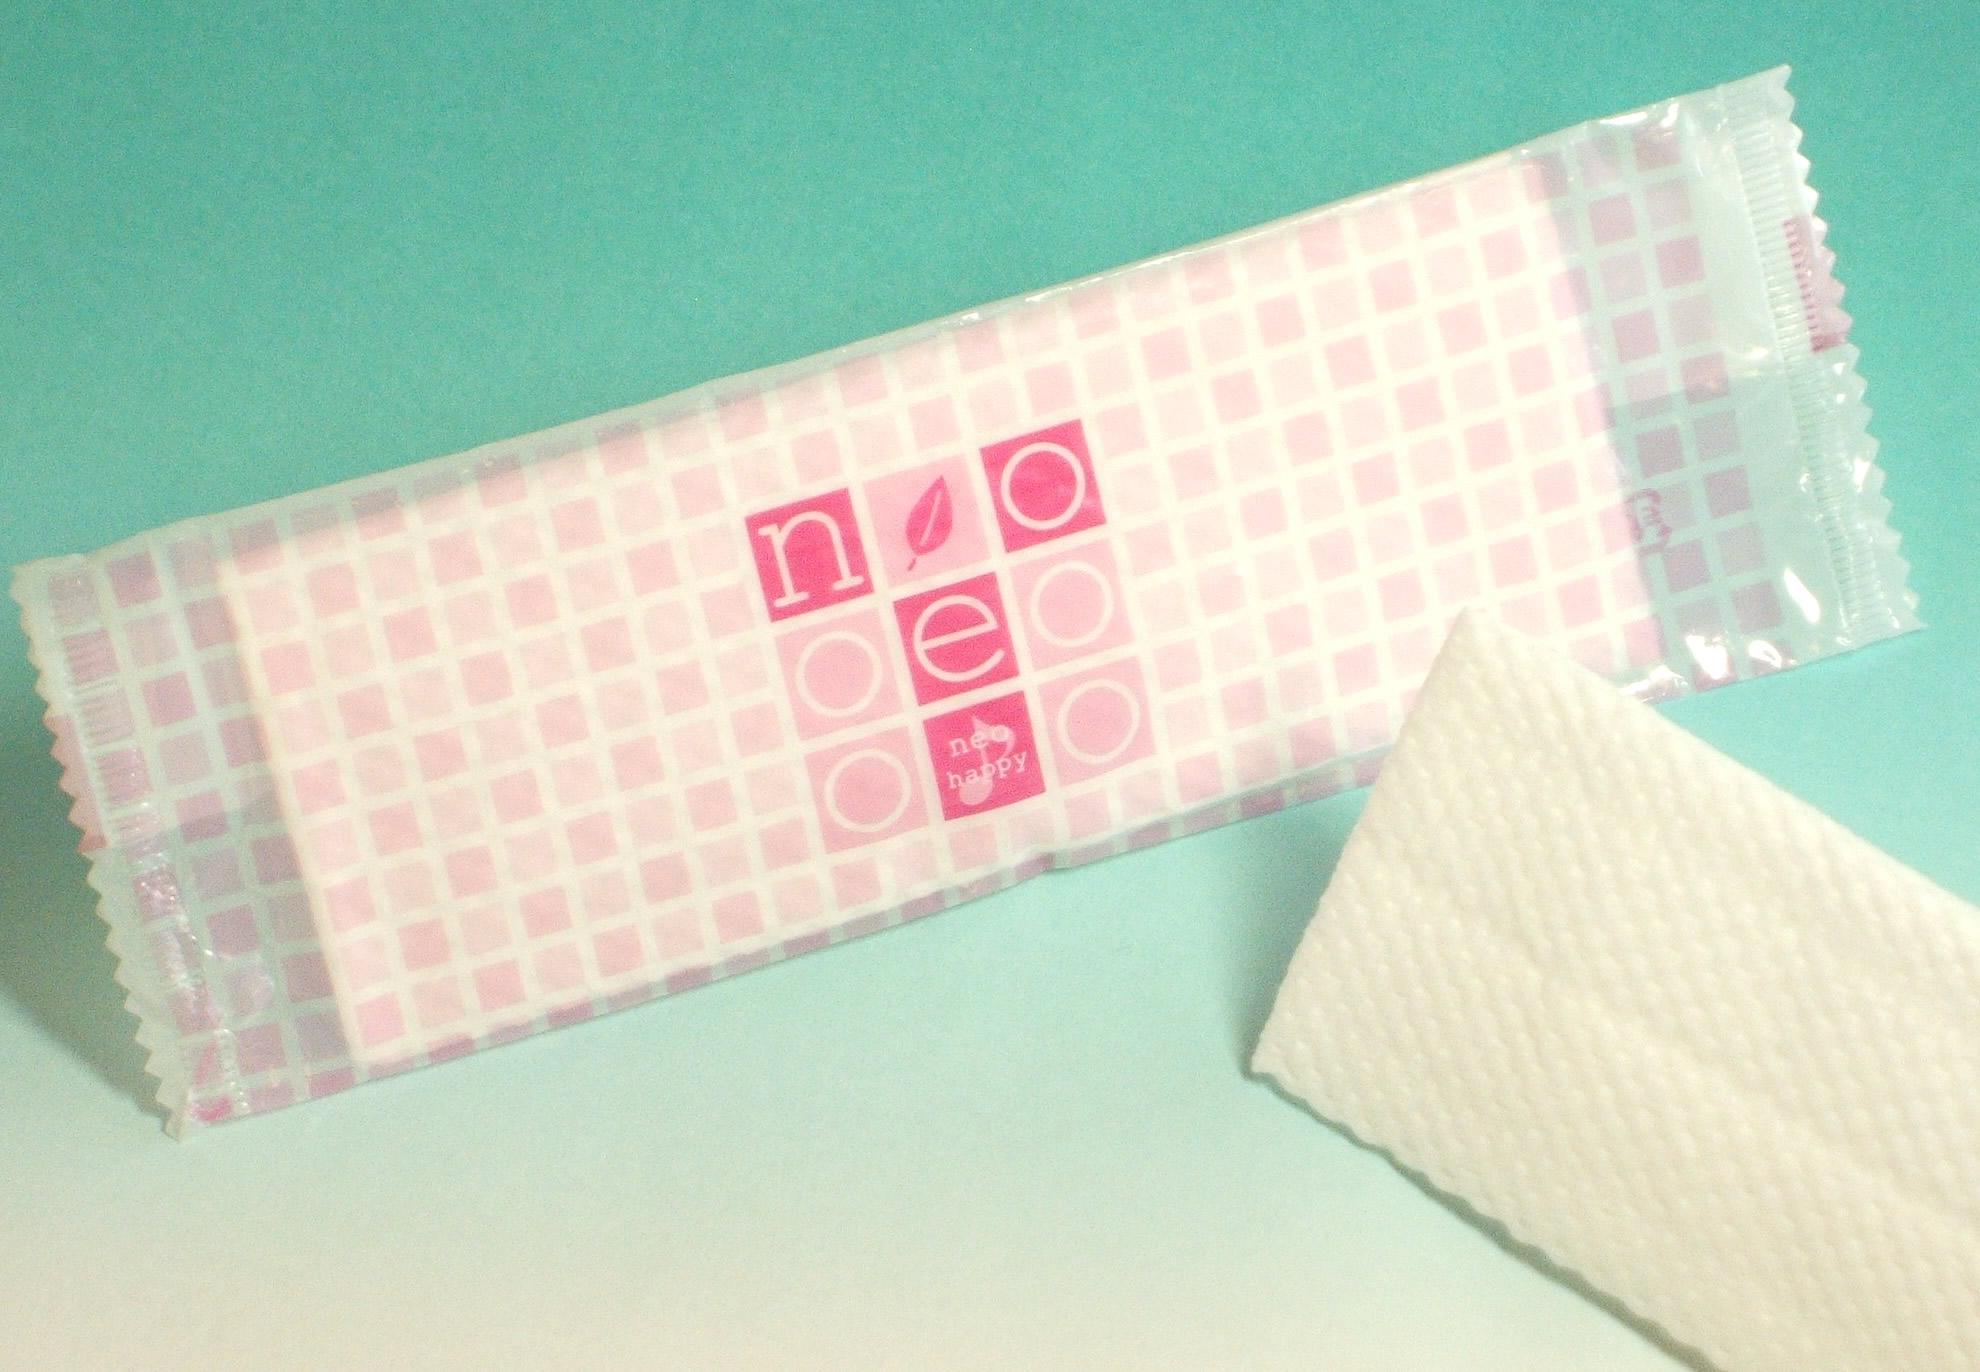 業務用紙おしぼり(紙タイプおしぼり・AH)